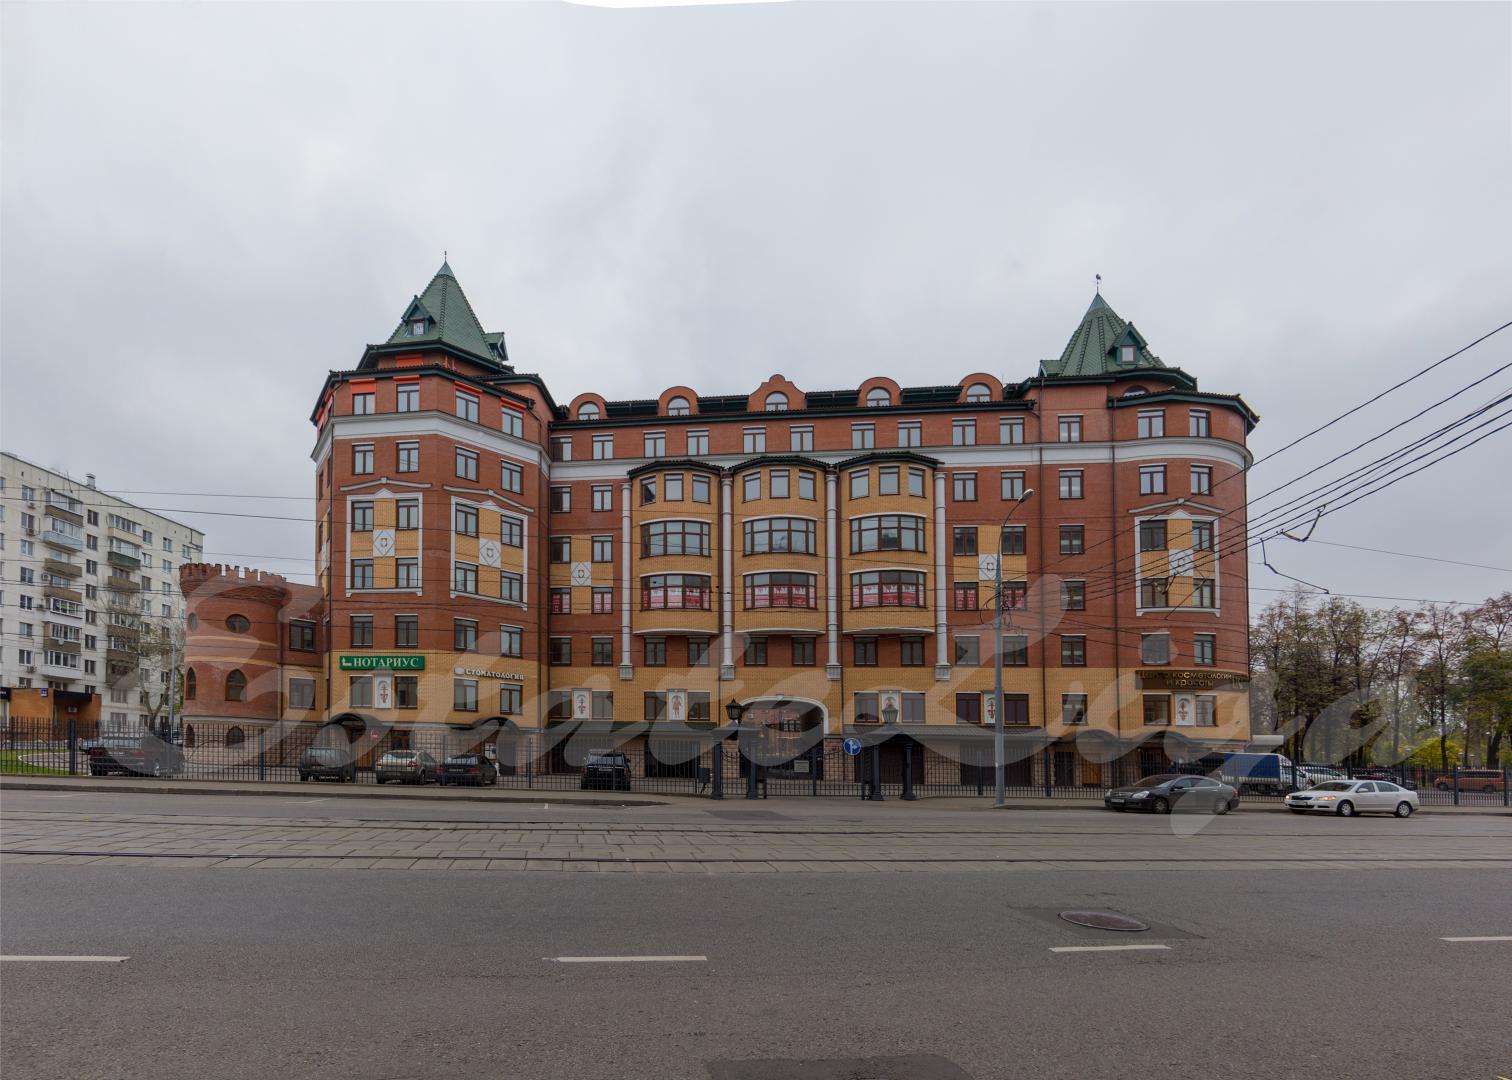 Аренда офиса бизнес-центр 4-й верхний михайловский проезд 1 5,000,00 тыс руб